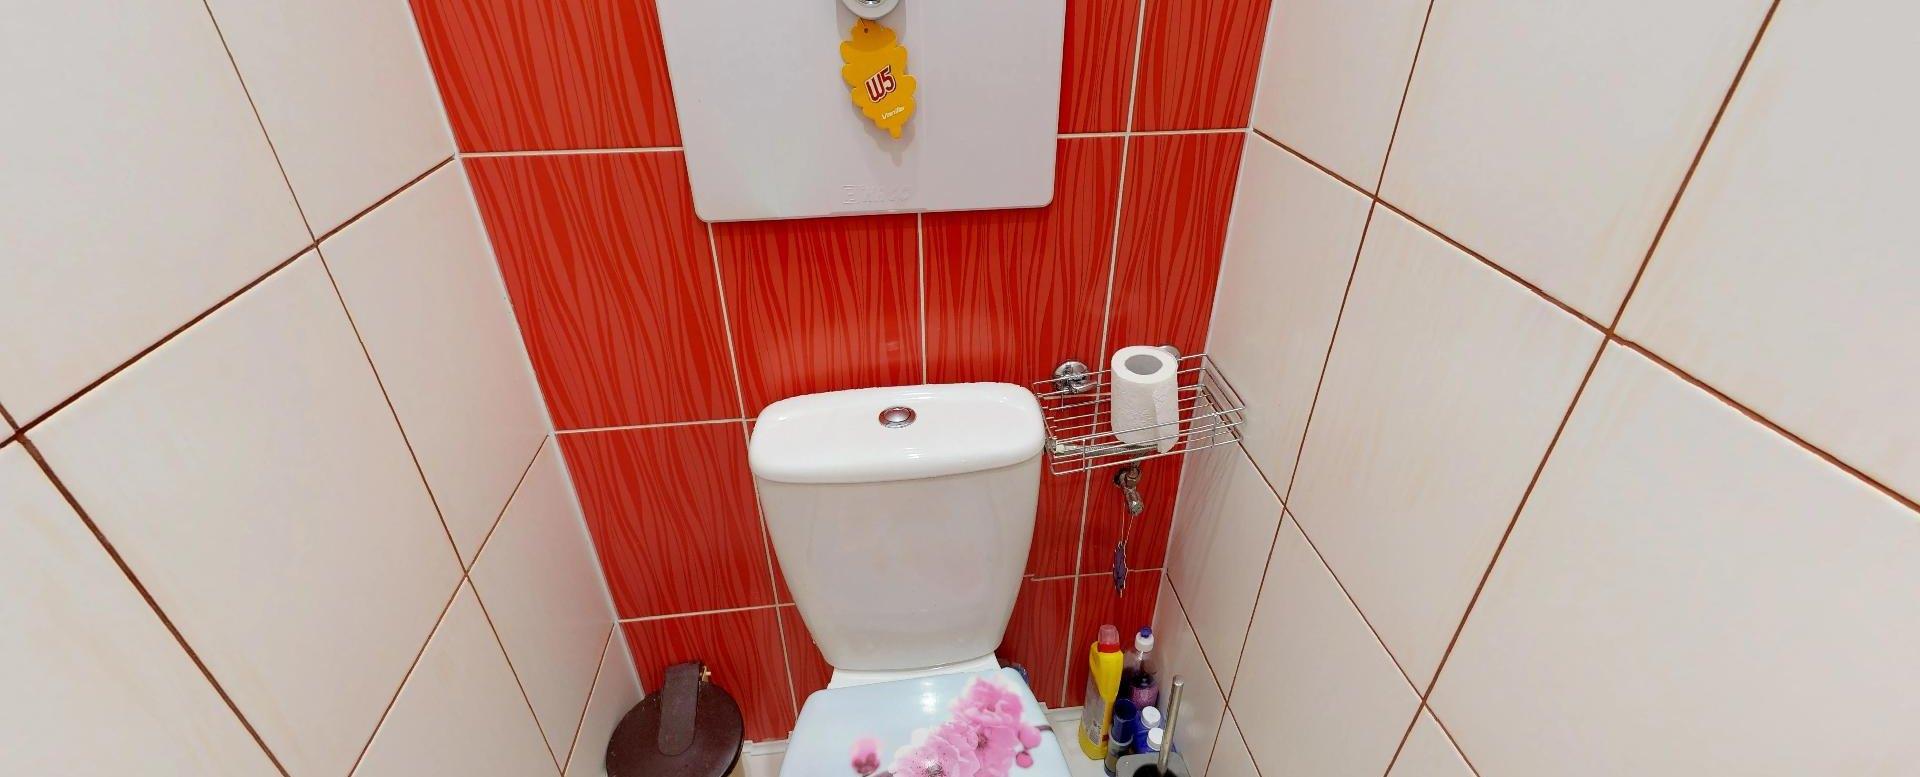 Toaleta 3-izbového bytu v Čadci